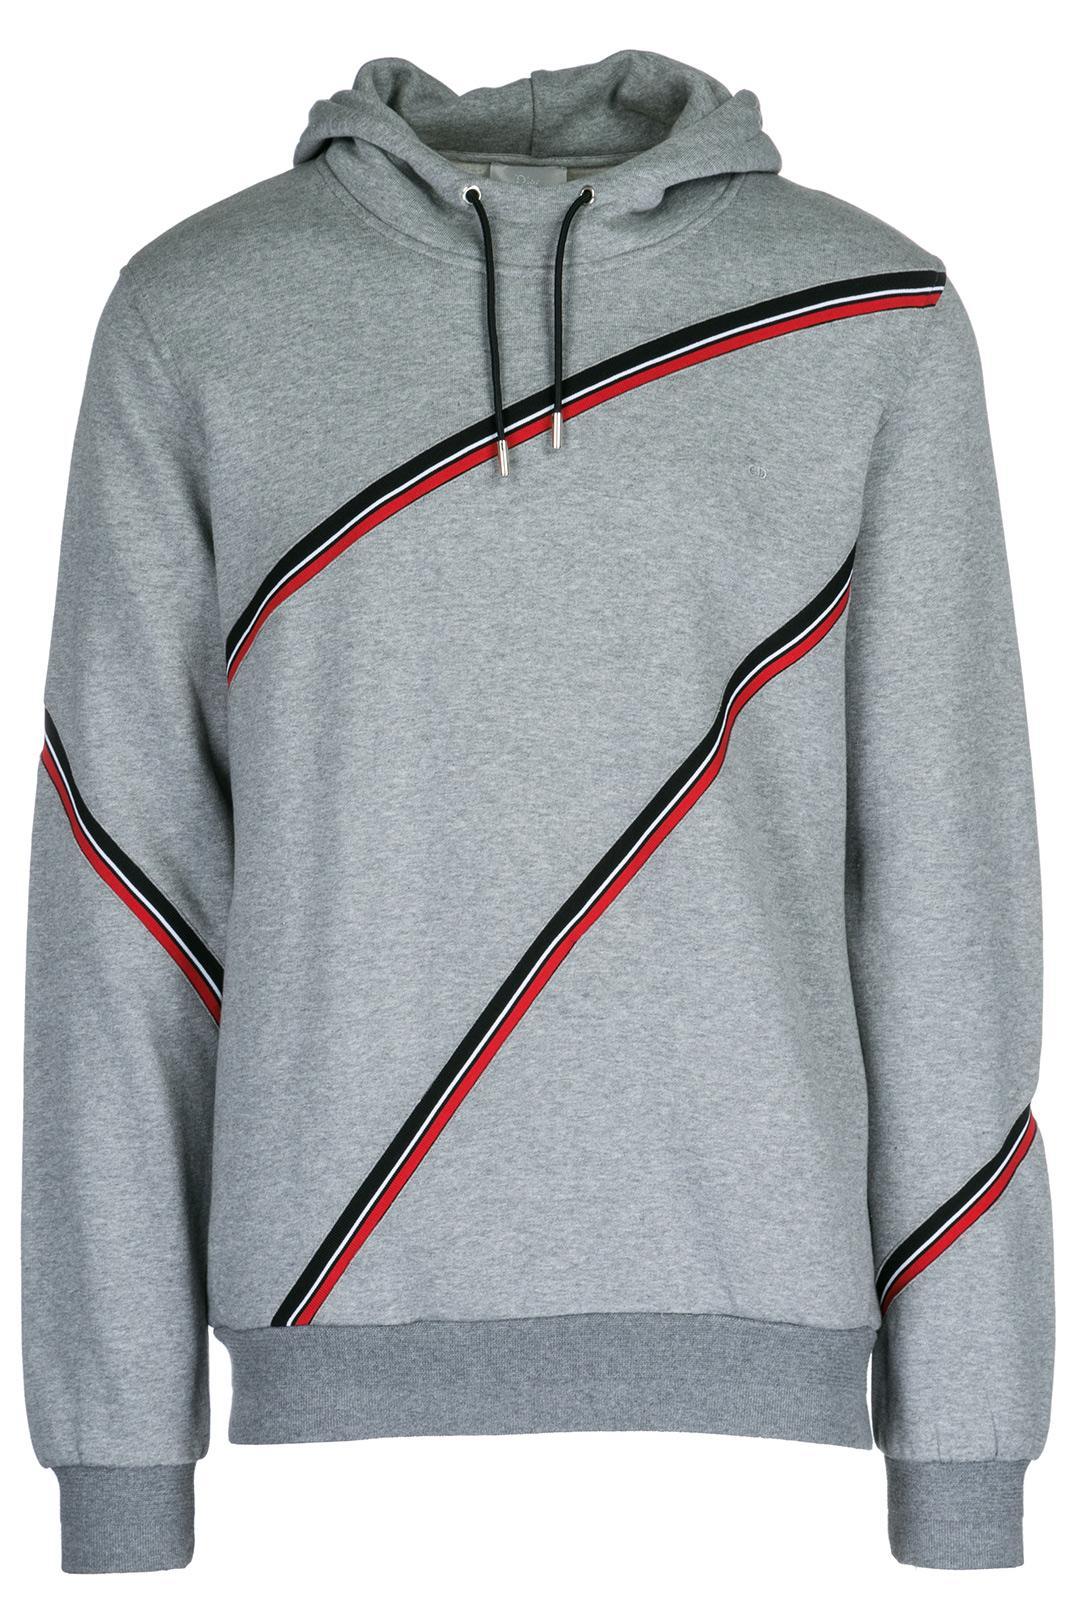 Dior Men's Hoodie Sweatshirt Sweat In Grey